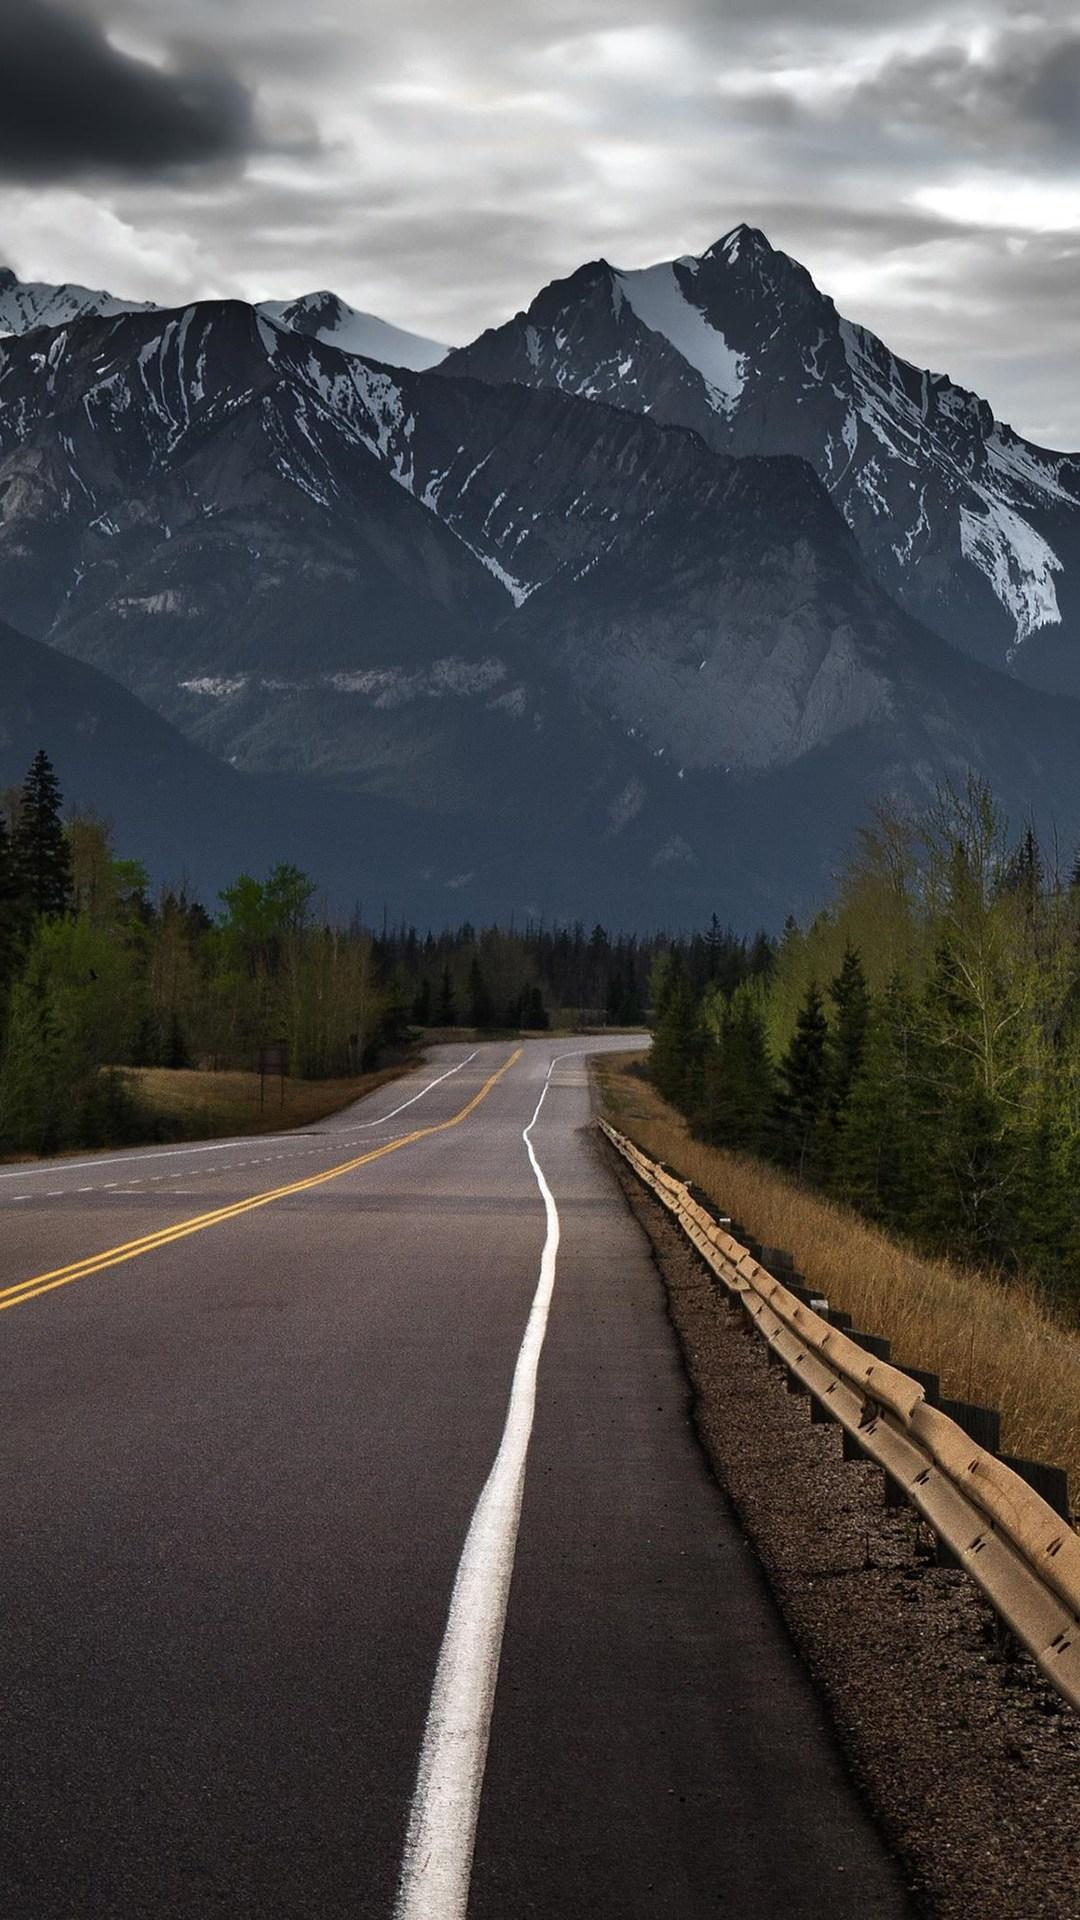 road to mountains hd 1080x1920 1 - Pack de Fondos de Pantalla de Montañas